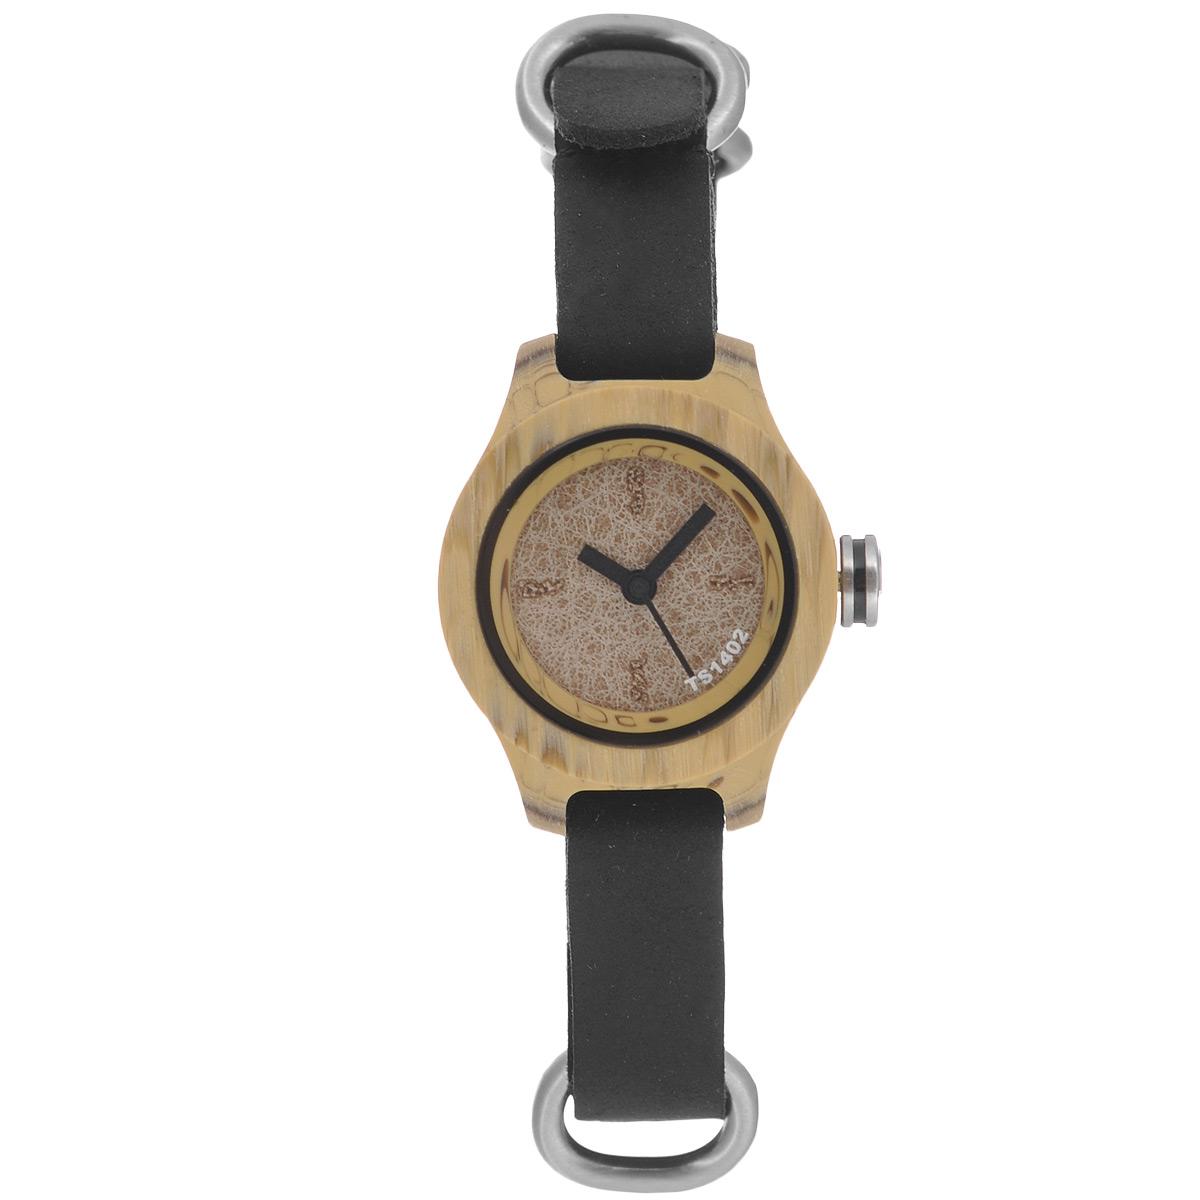 Часы наручные женские Tacs Nature S: Brown/Black/Black. TS1402BTS1402BОригинальные кварцевые наручные часы Tacs созданы для людей, ценящих качество, практичность и индивидуальность в каждой детали. Строгая цветовая гамма и минималистический дизайн позволяет сочетать часы с любыми предметами гардероба. Часы оснащены японским кварцевым механизмом Miyota 2036. Круглый корпус выполнен из сверкающей стали. Циферблат защищен прочным минеральным стеклом, устойчивым к царапинам и повреждениям. Браслет часов, выполненный из натуральной кожи черного цвета, дополненный металлическими элементами, долговечен и очень практичен в использовании. Застегивается на классическую застежку- пряжку. Оригинальные яркие часы Tacs покорят вас неординарным дизайном, а высокое качество и практичность позволят использовать их долгие годы. Благодаря необычному дизайну часы выделят вас из толпы и подчеркнут вашу индивидуальность. Часы Tacs - это высококачественная продукция, соответствующая образу жизни героя современного мегаполиса. В...